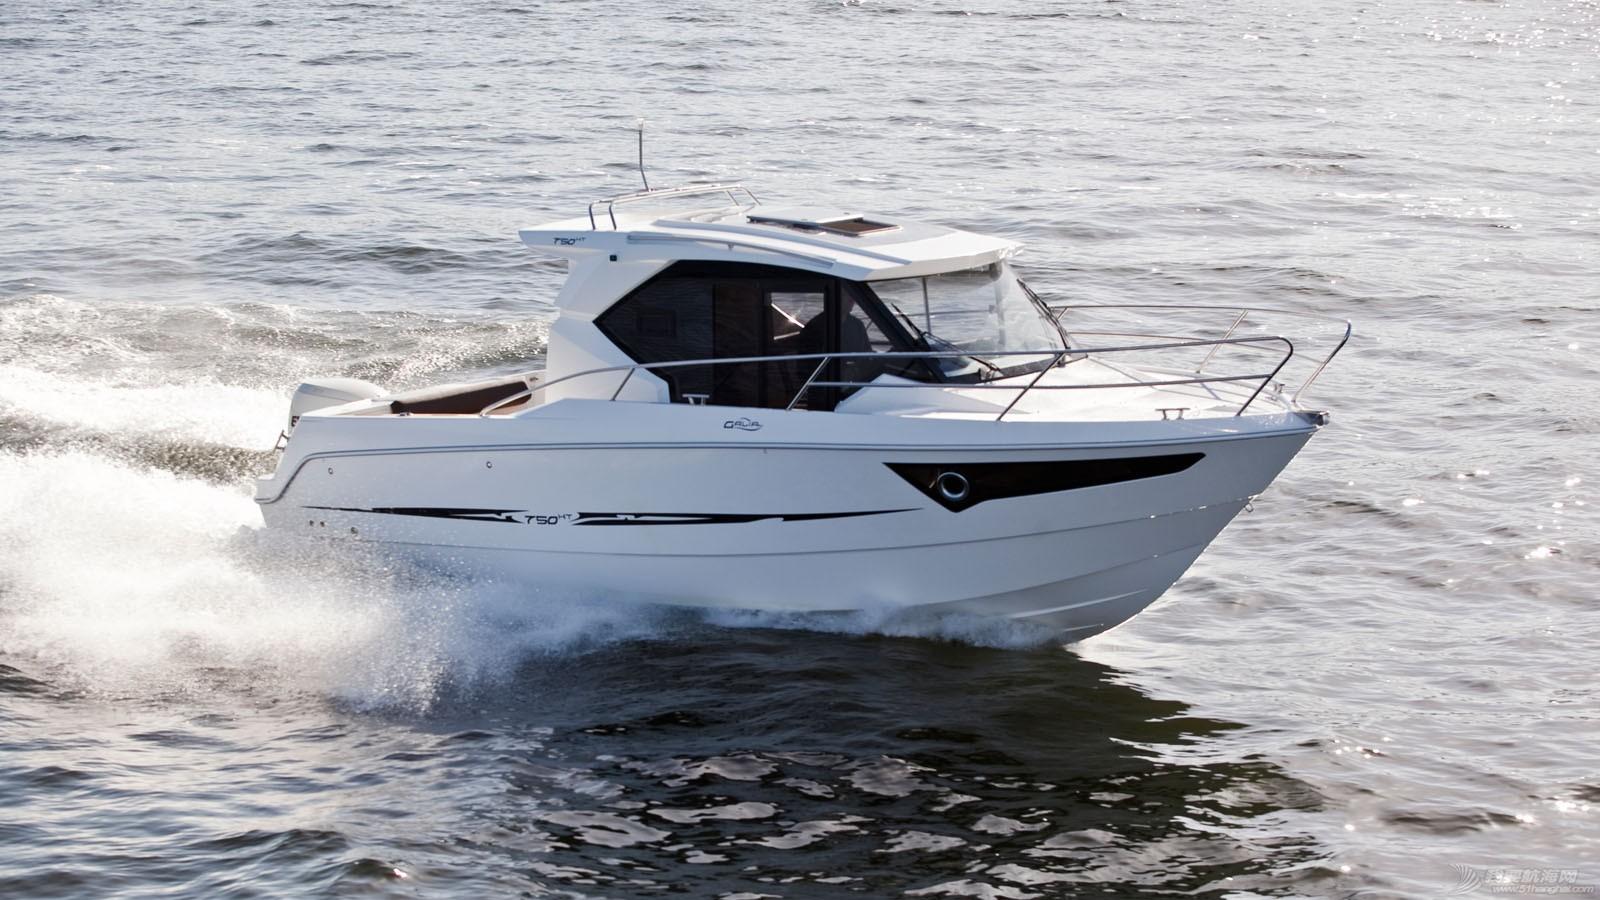 进口 波兰进口Galia 750 Hardtop硬顶钓鱼艇出售 _MG_4182wide